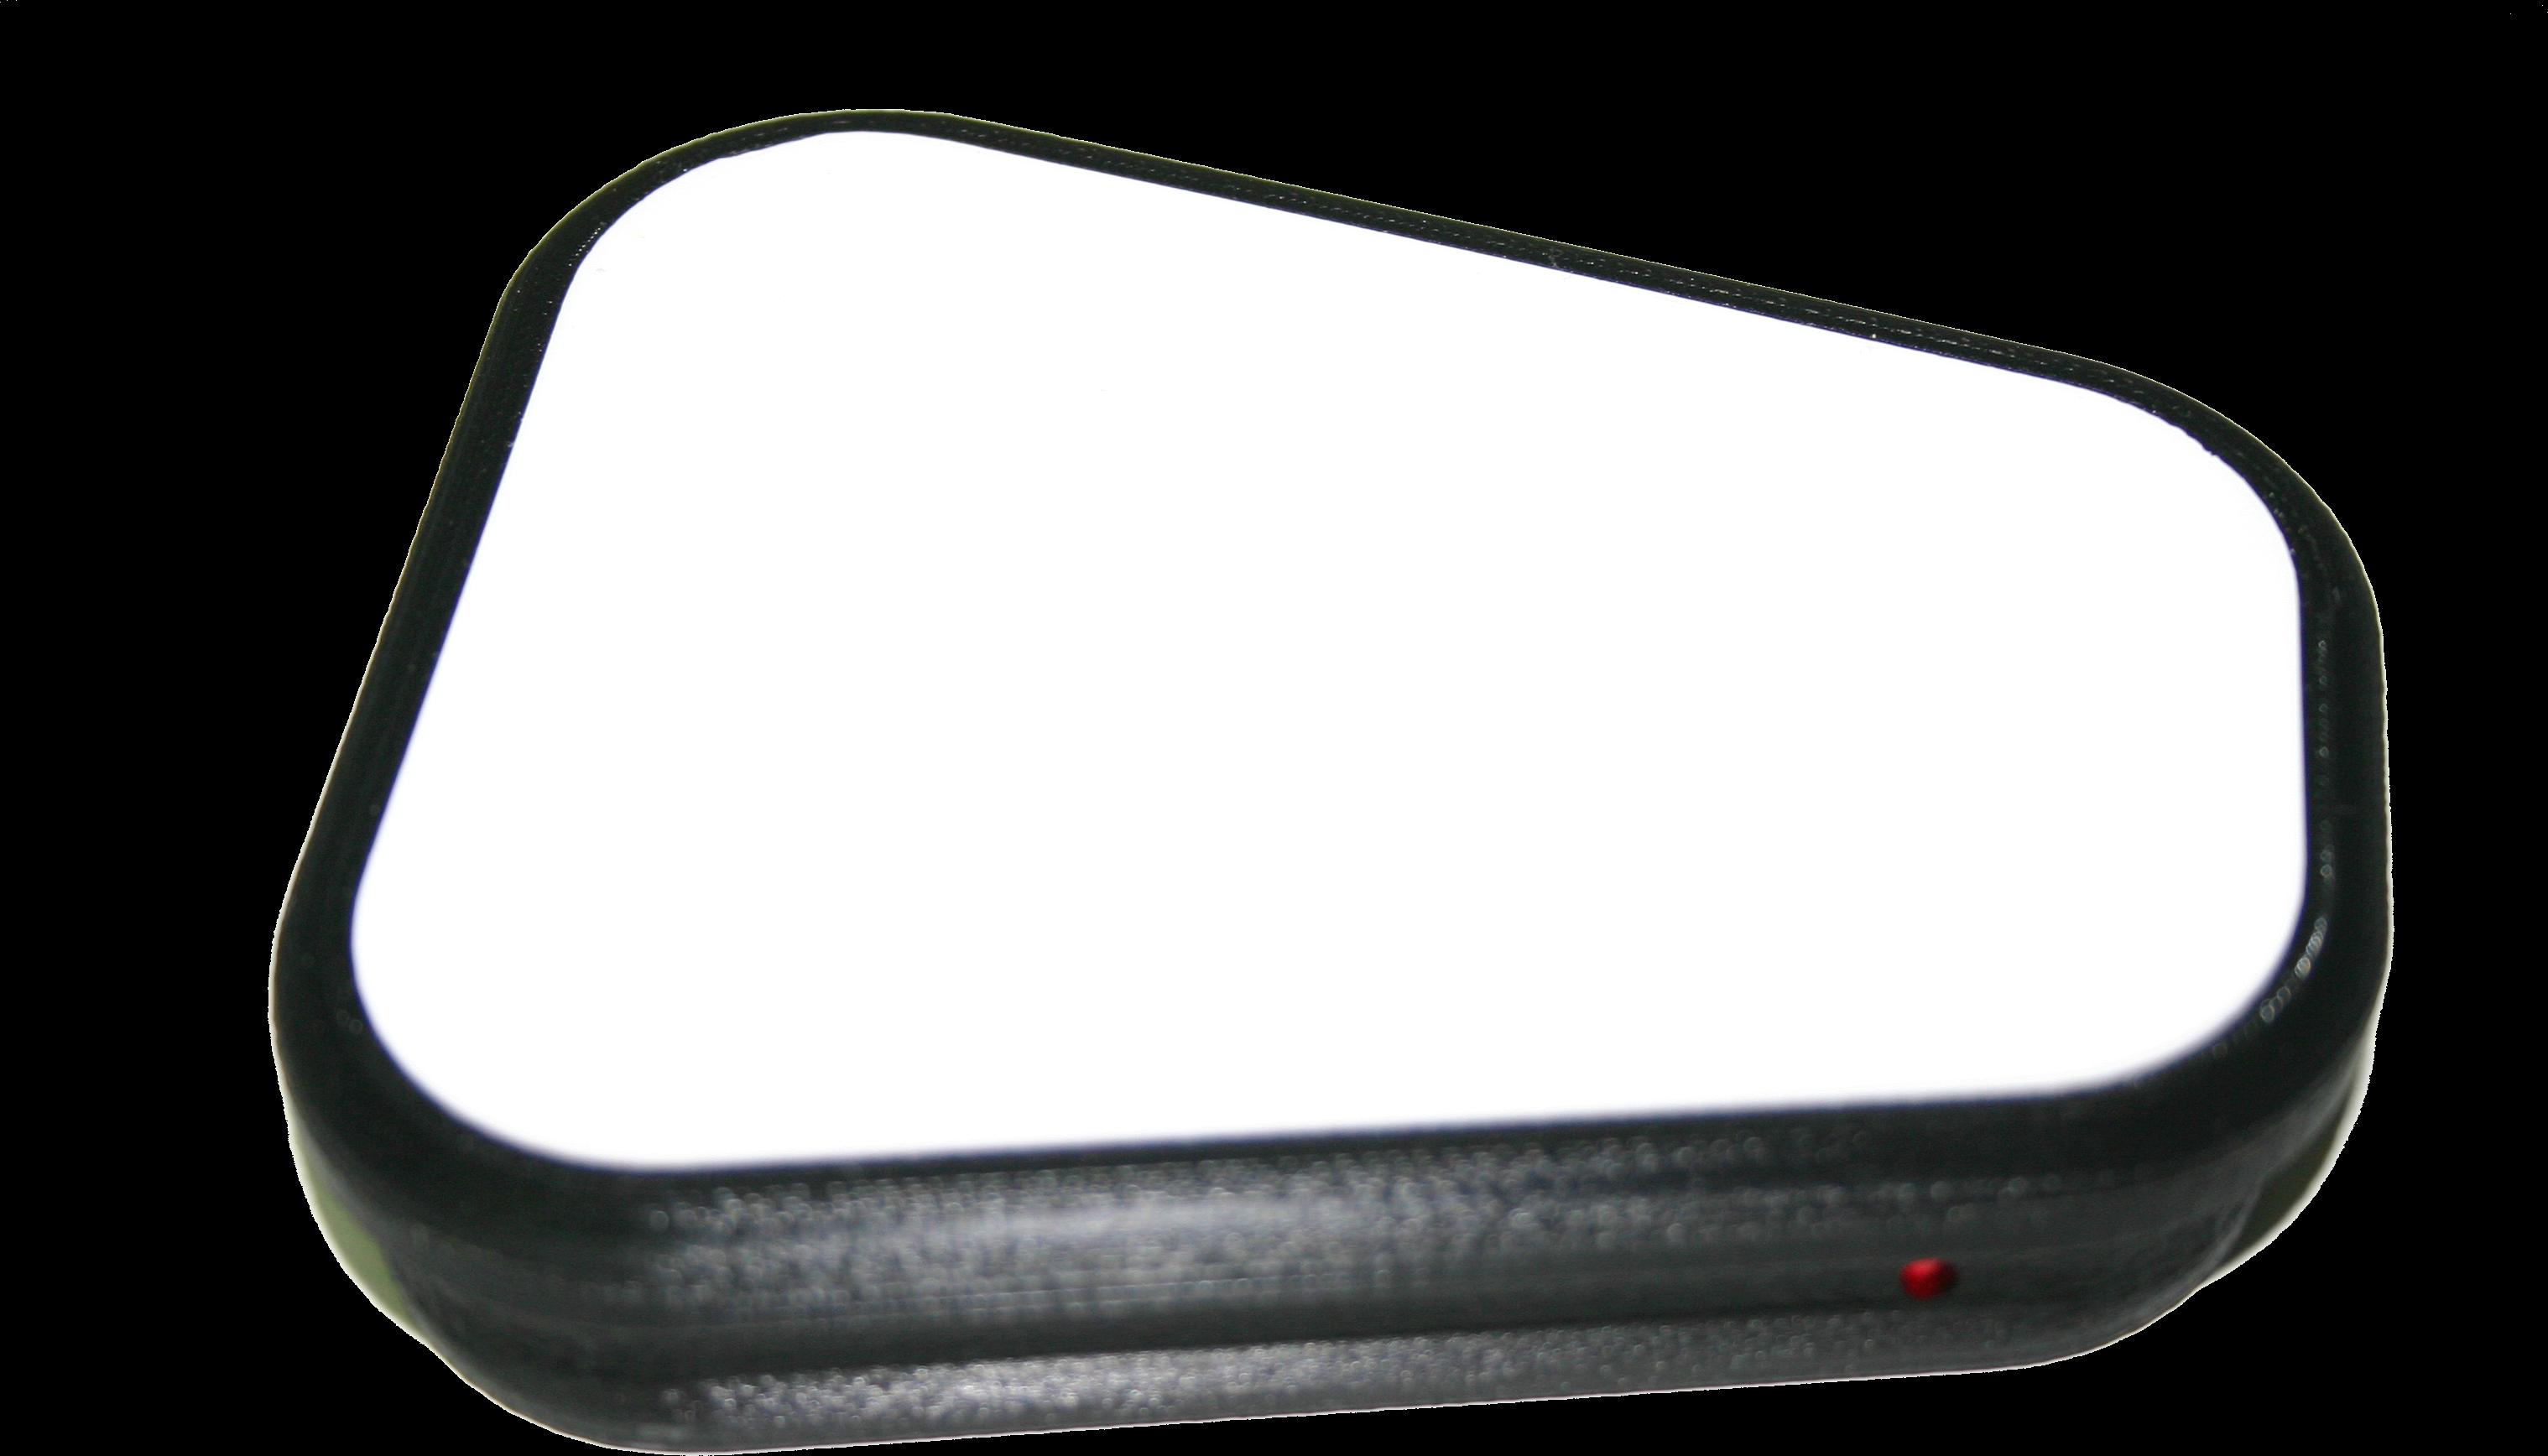 báscula de alimentos que se conecta vía Bluetooth